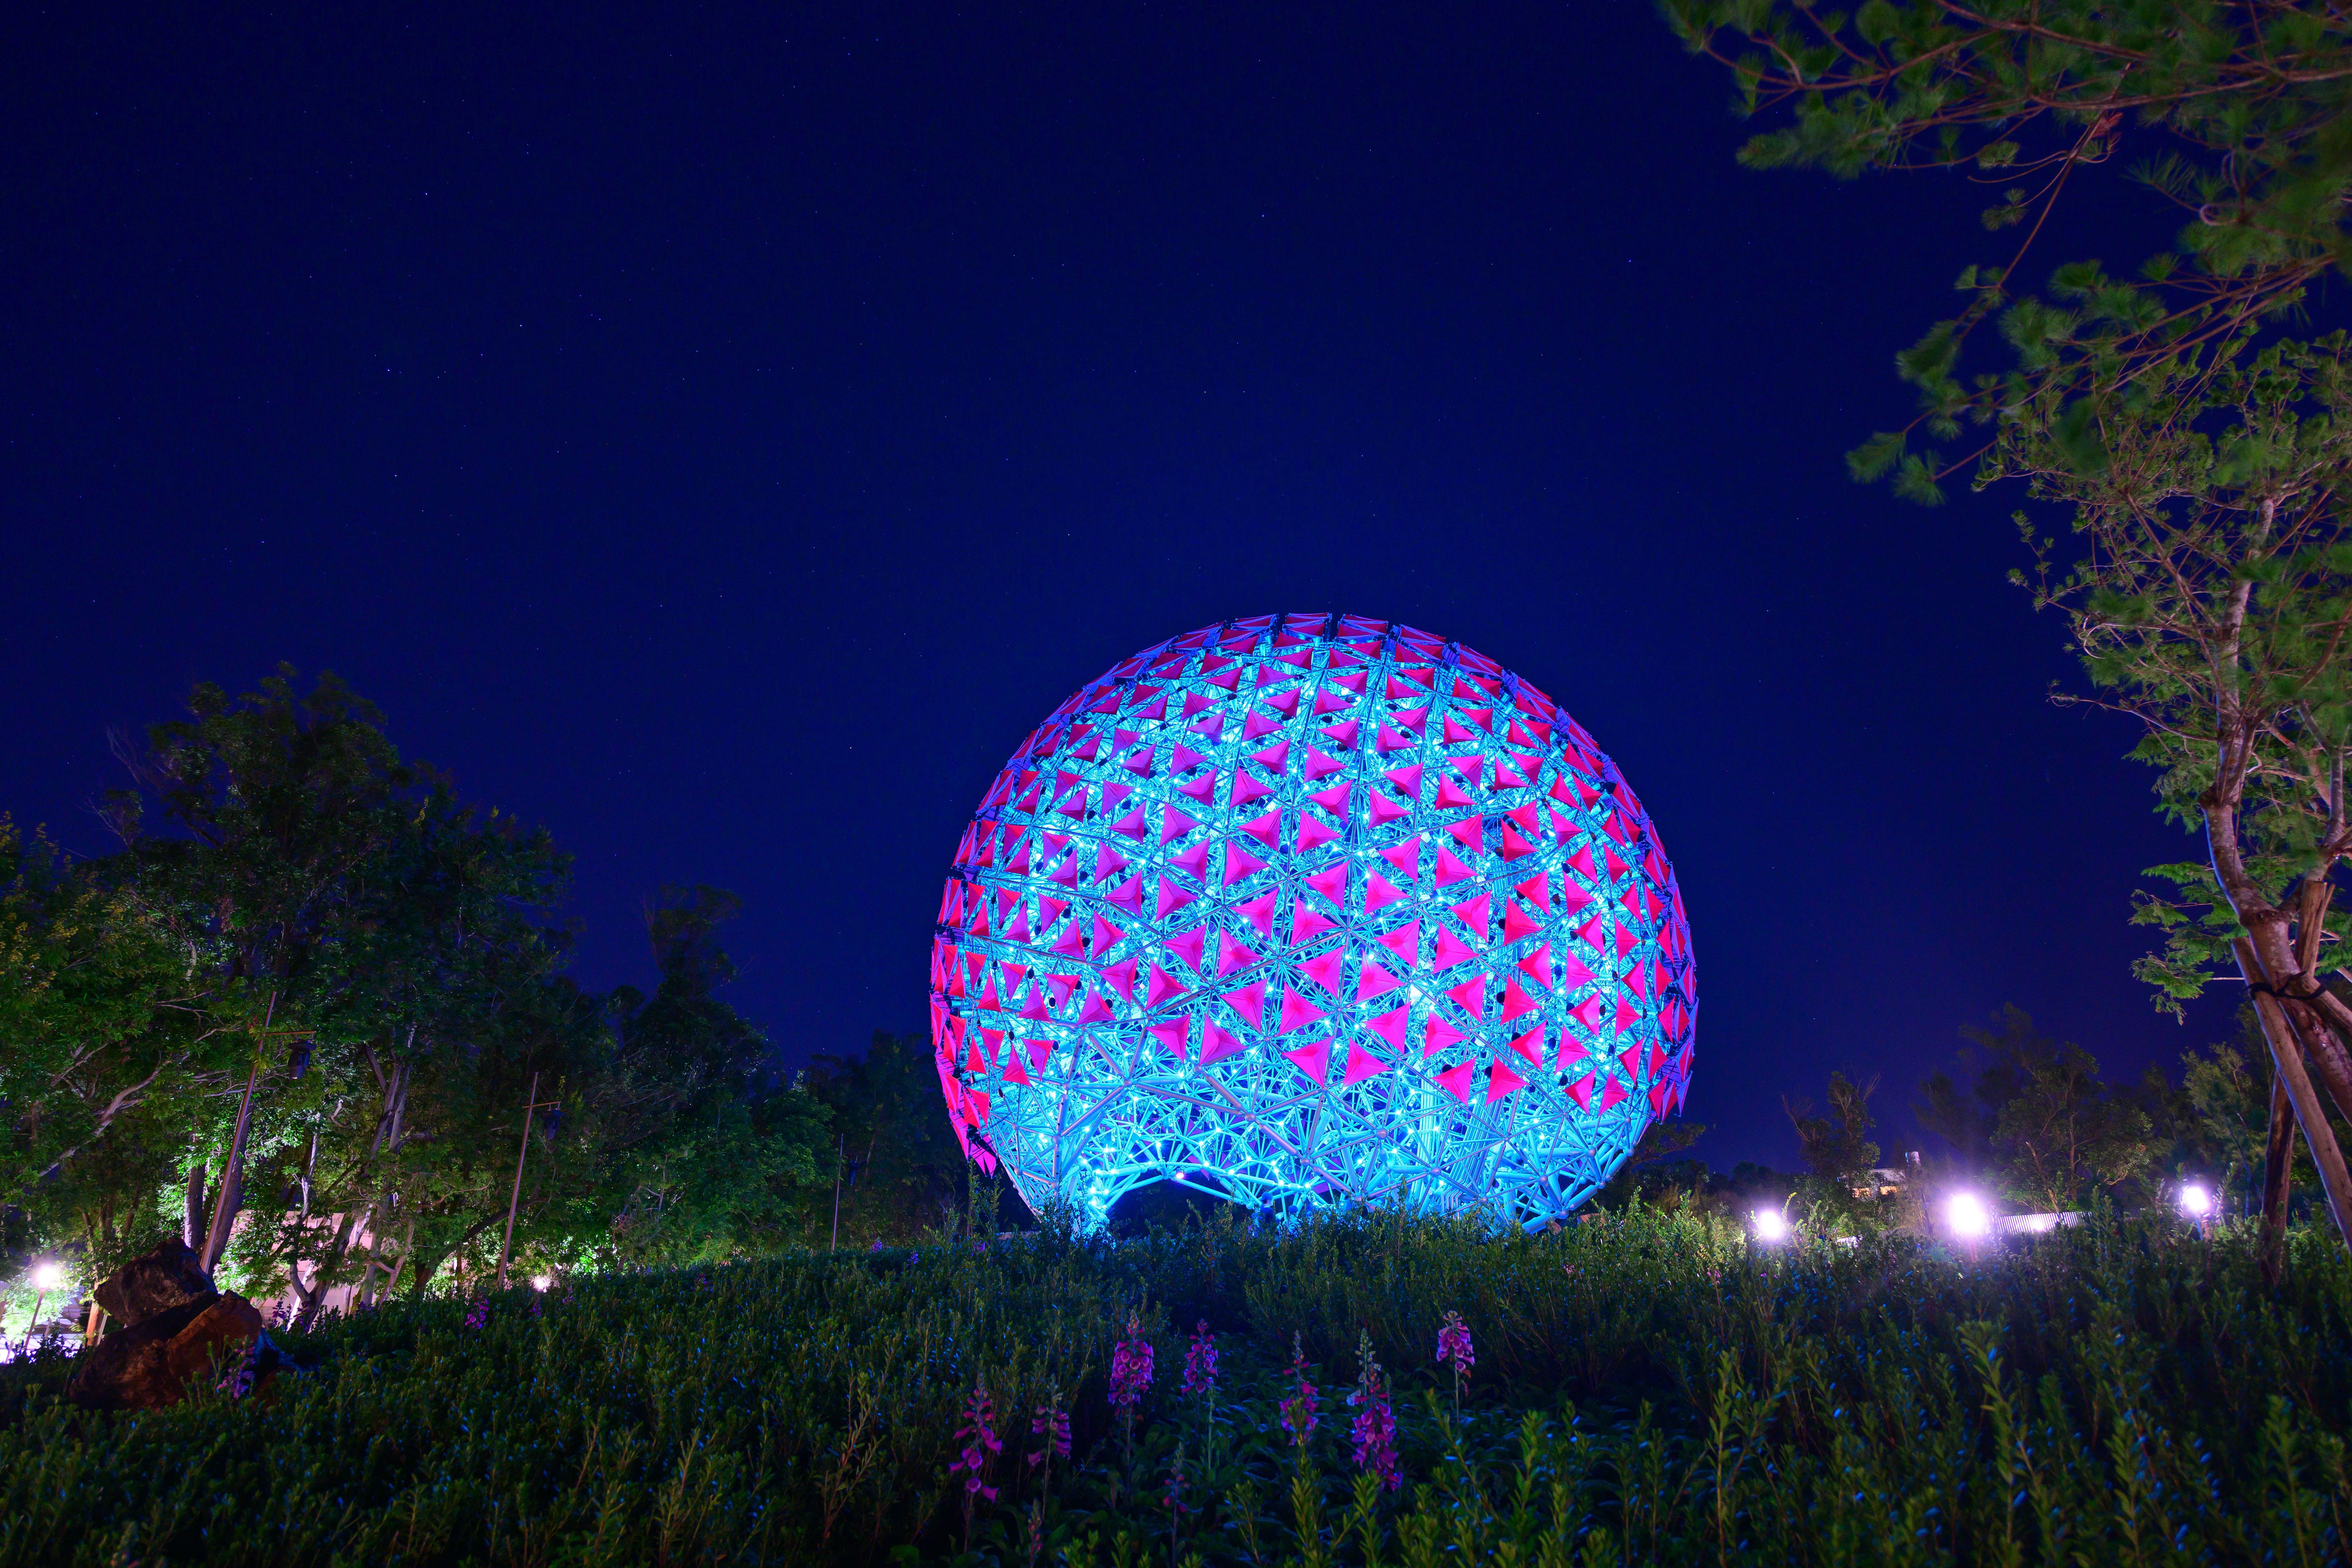 巨型機械花球《聆聽花開的聲音》 遊客打卡熱點